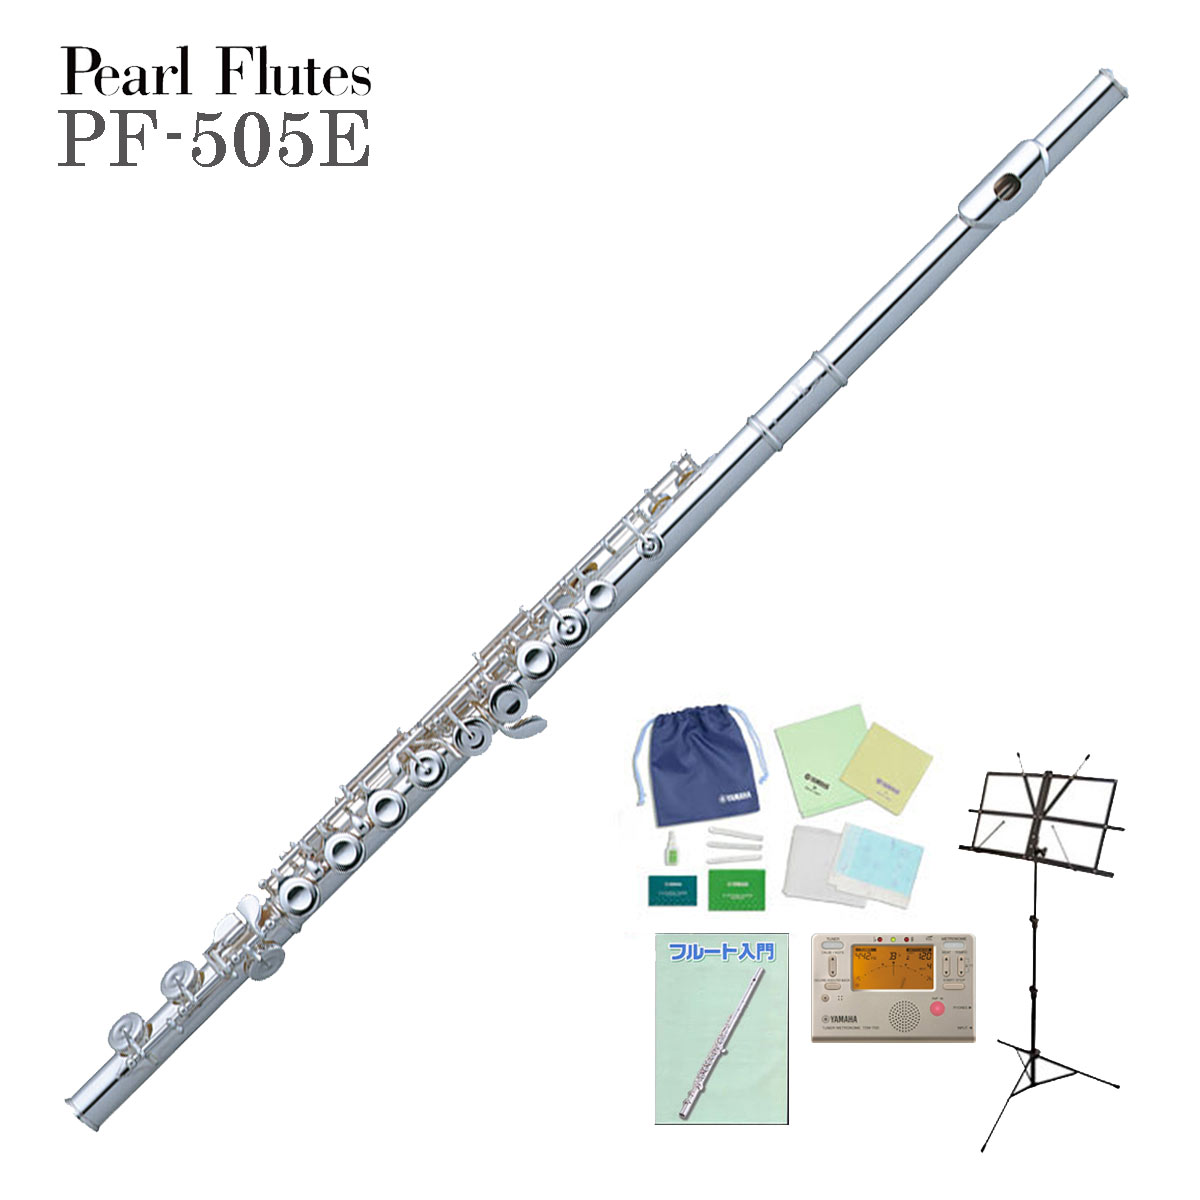 【在庫あり】Pearl Flute / PF-505E パールフルート PF505E 洋銀製 初心者に最適! 【全部入りセット】《未展示保管の新品をお届け》《5年保証》